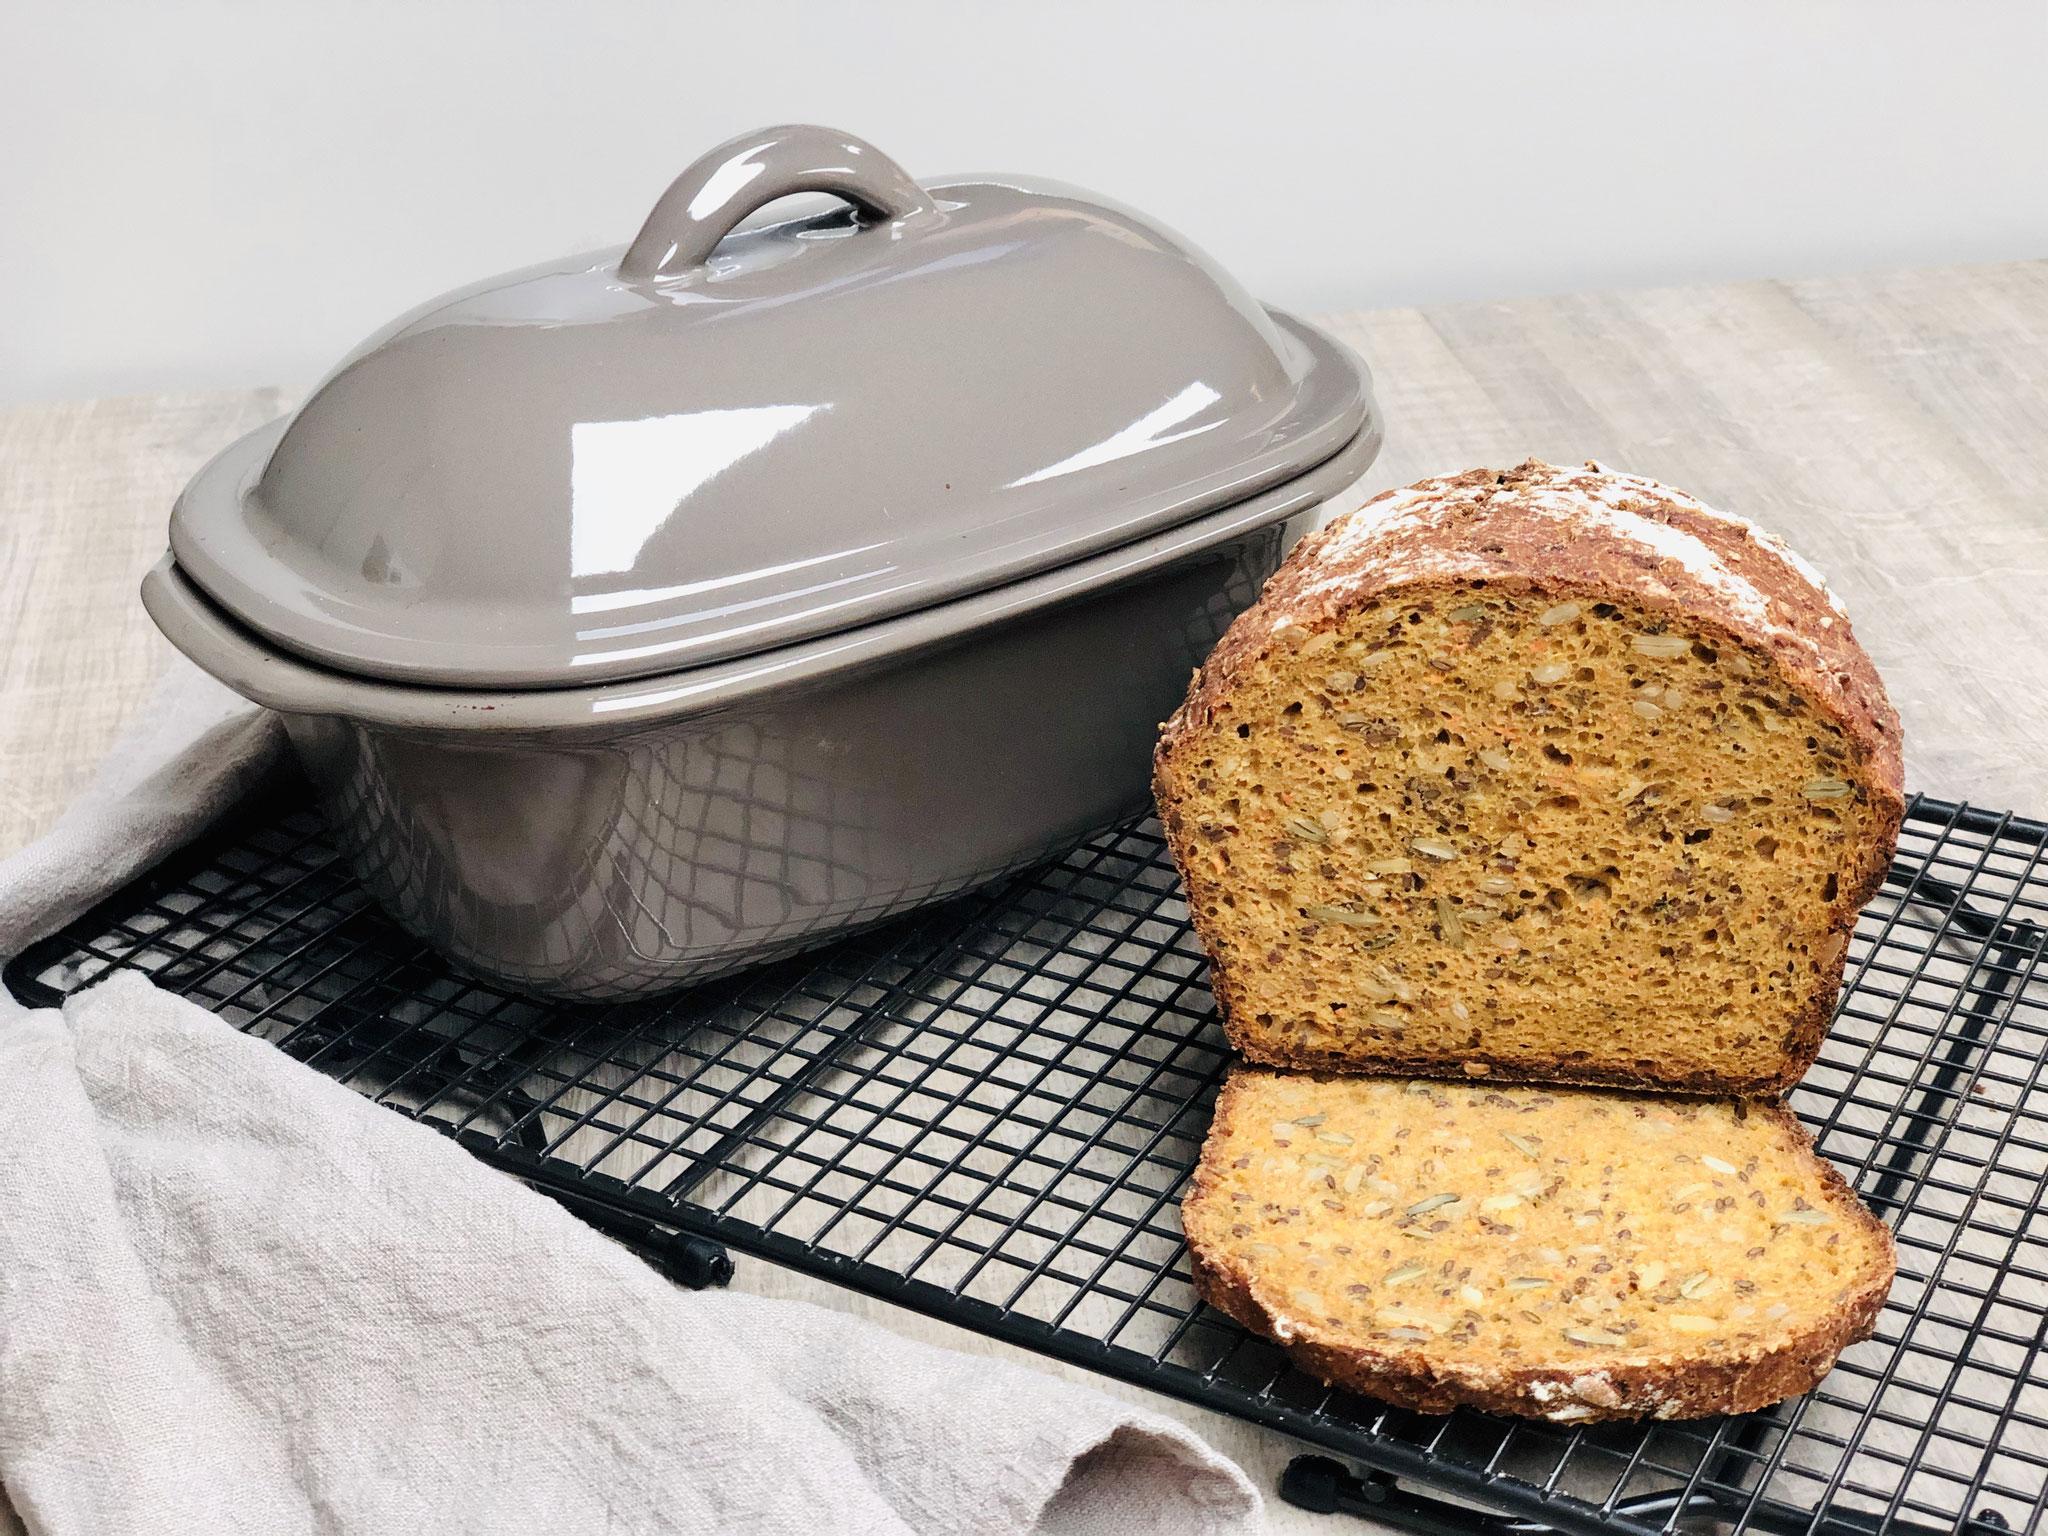 Nach dem Backen stürzt du dein Brot auf das PC Kuchengitter mit Füssen und lässt es darauf auskühlen. Du hast ein tolles knuspriges Steinbackofenbrot aus deinem Zaubermeister.